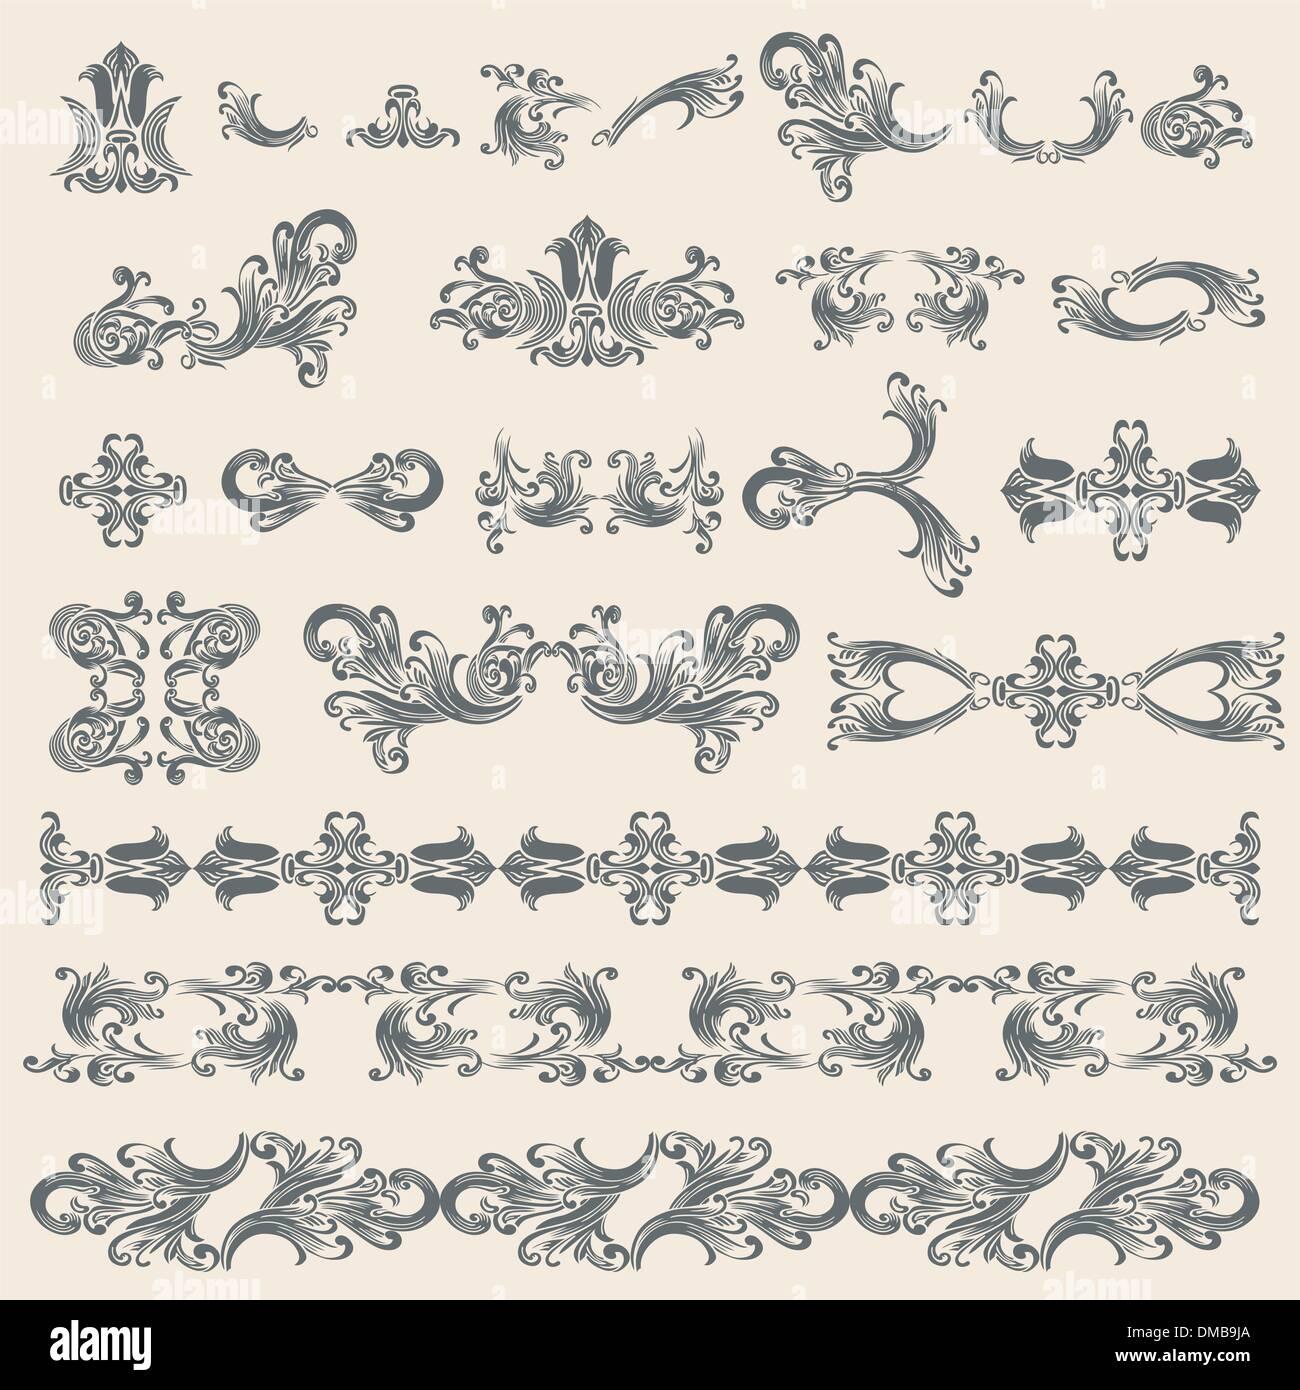 Vintage Design Elements Set - Stock Image